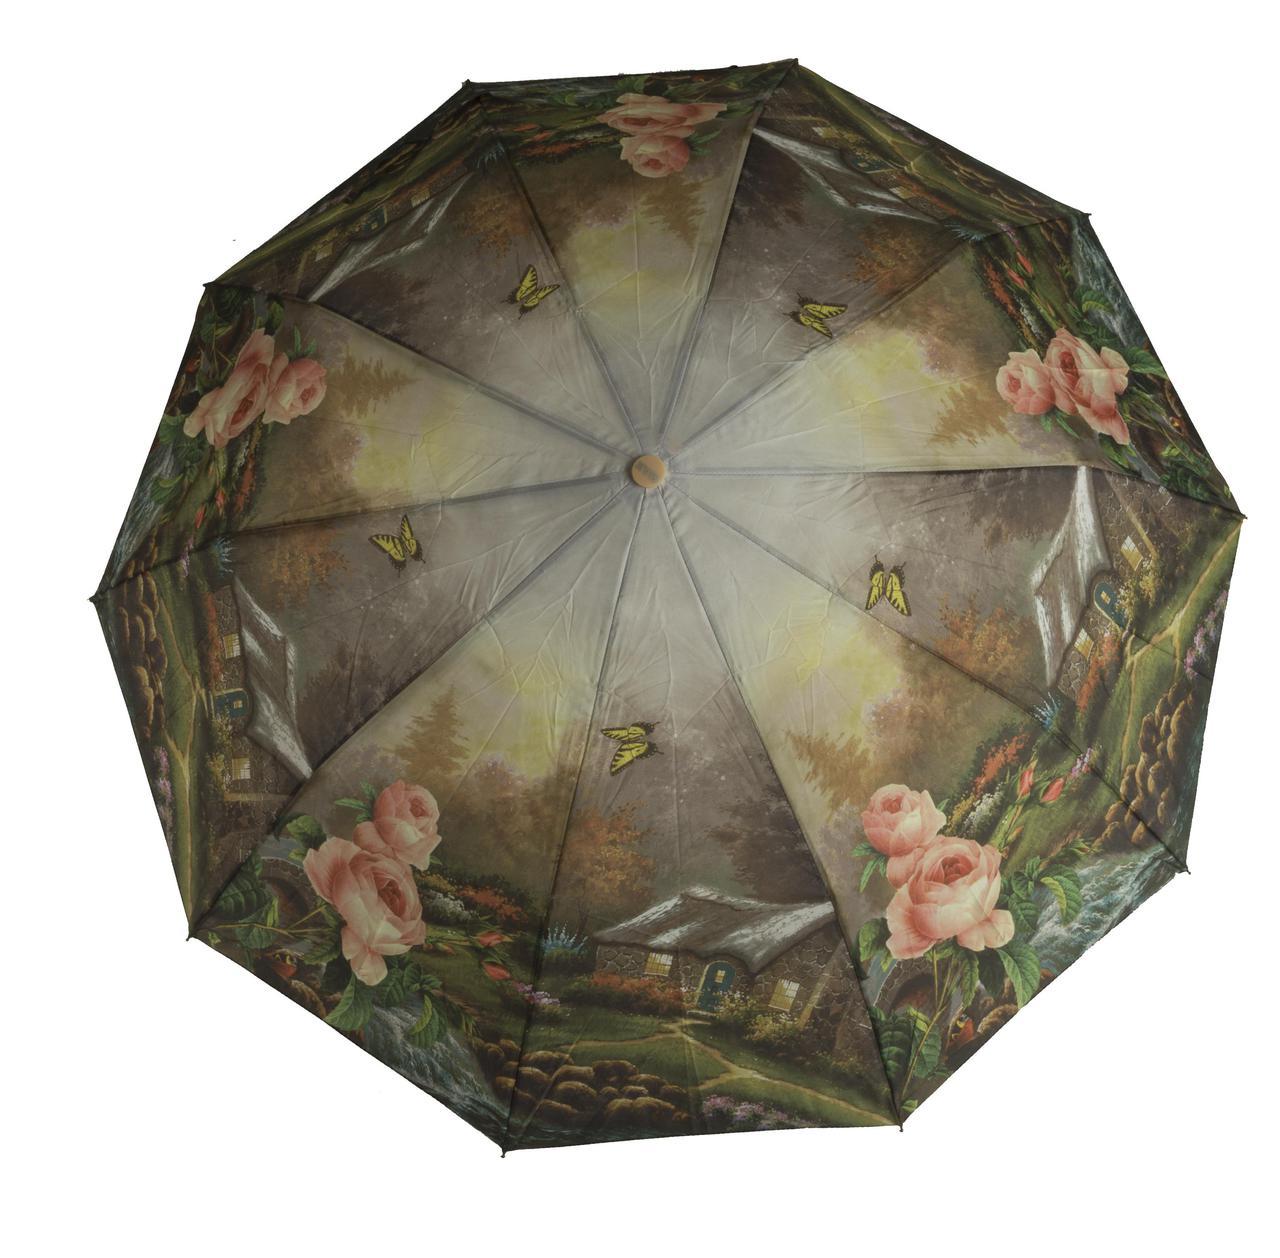 Женский качественный прочный зонтик полуавтомат MAX KOMFORT art. 3051 цветочный (102889)